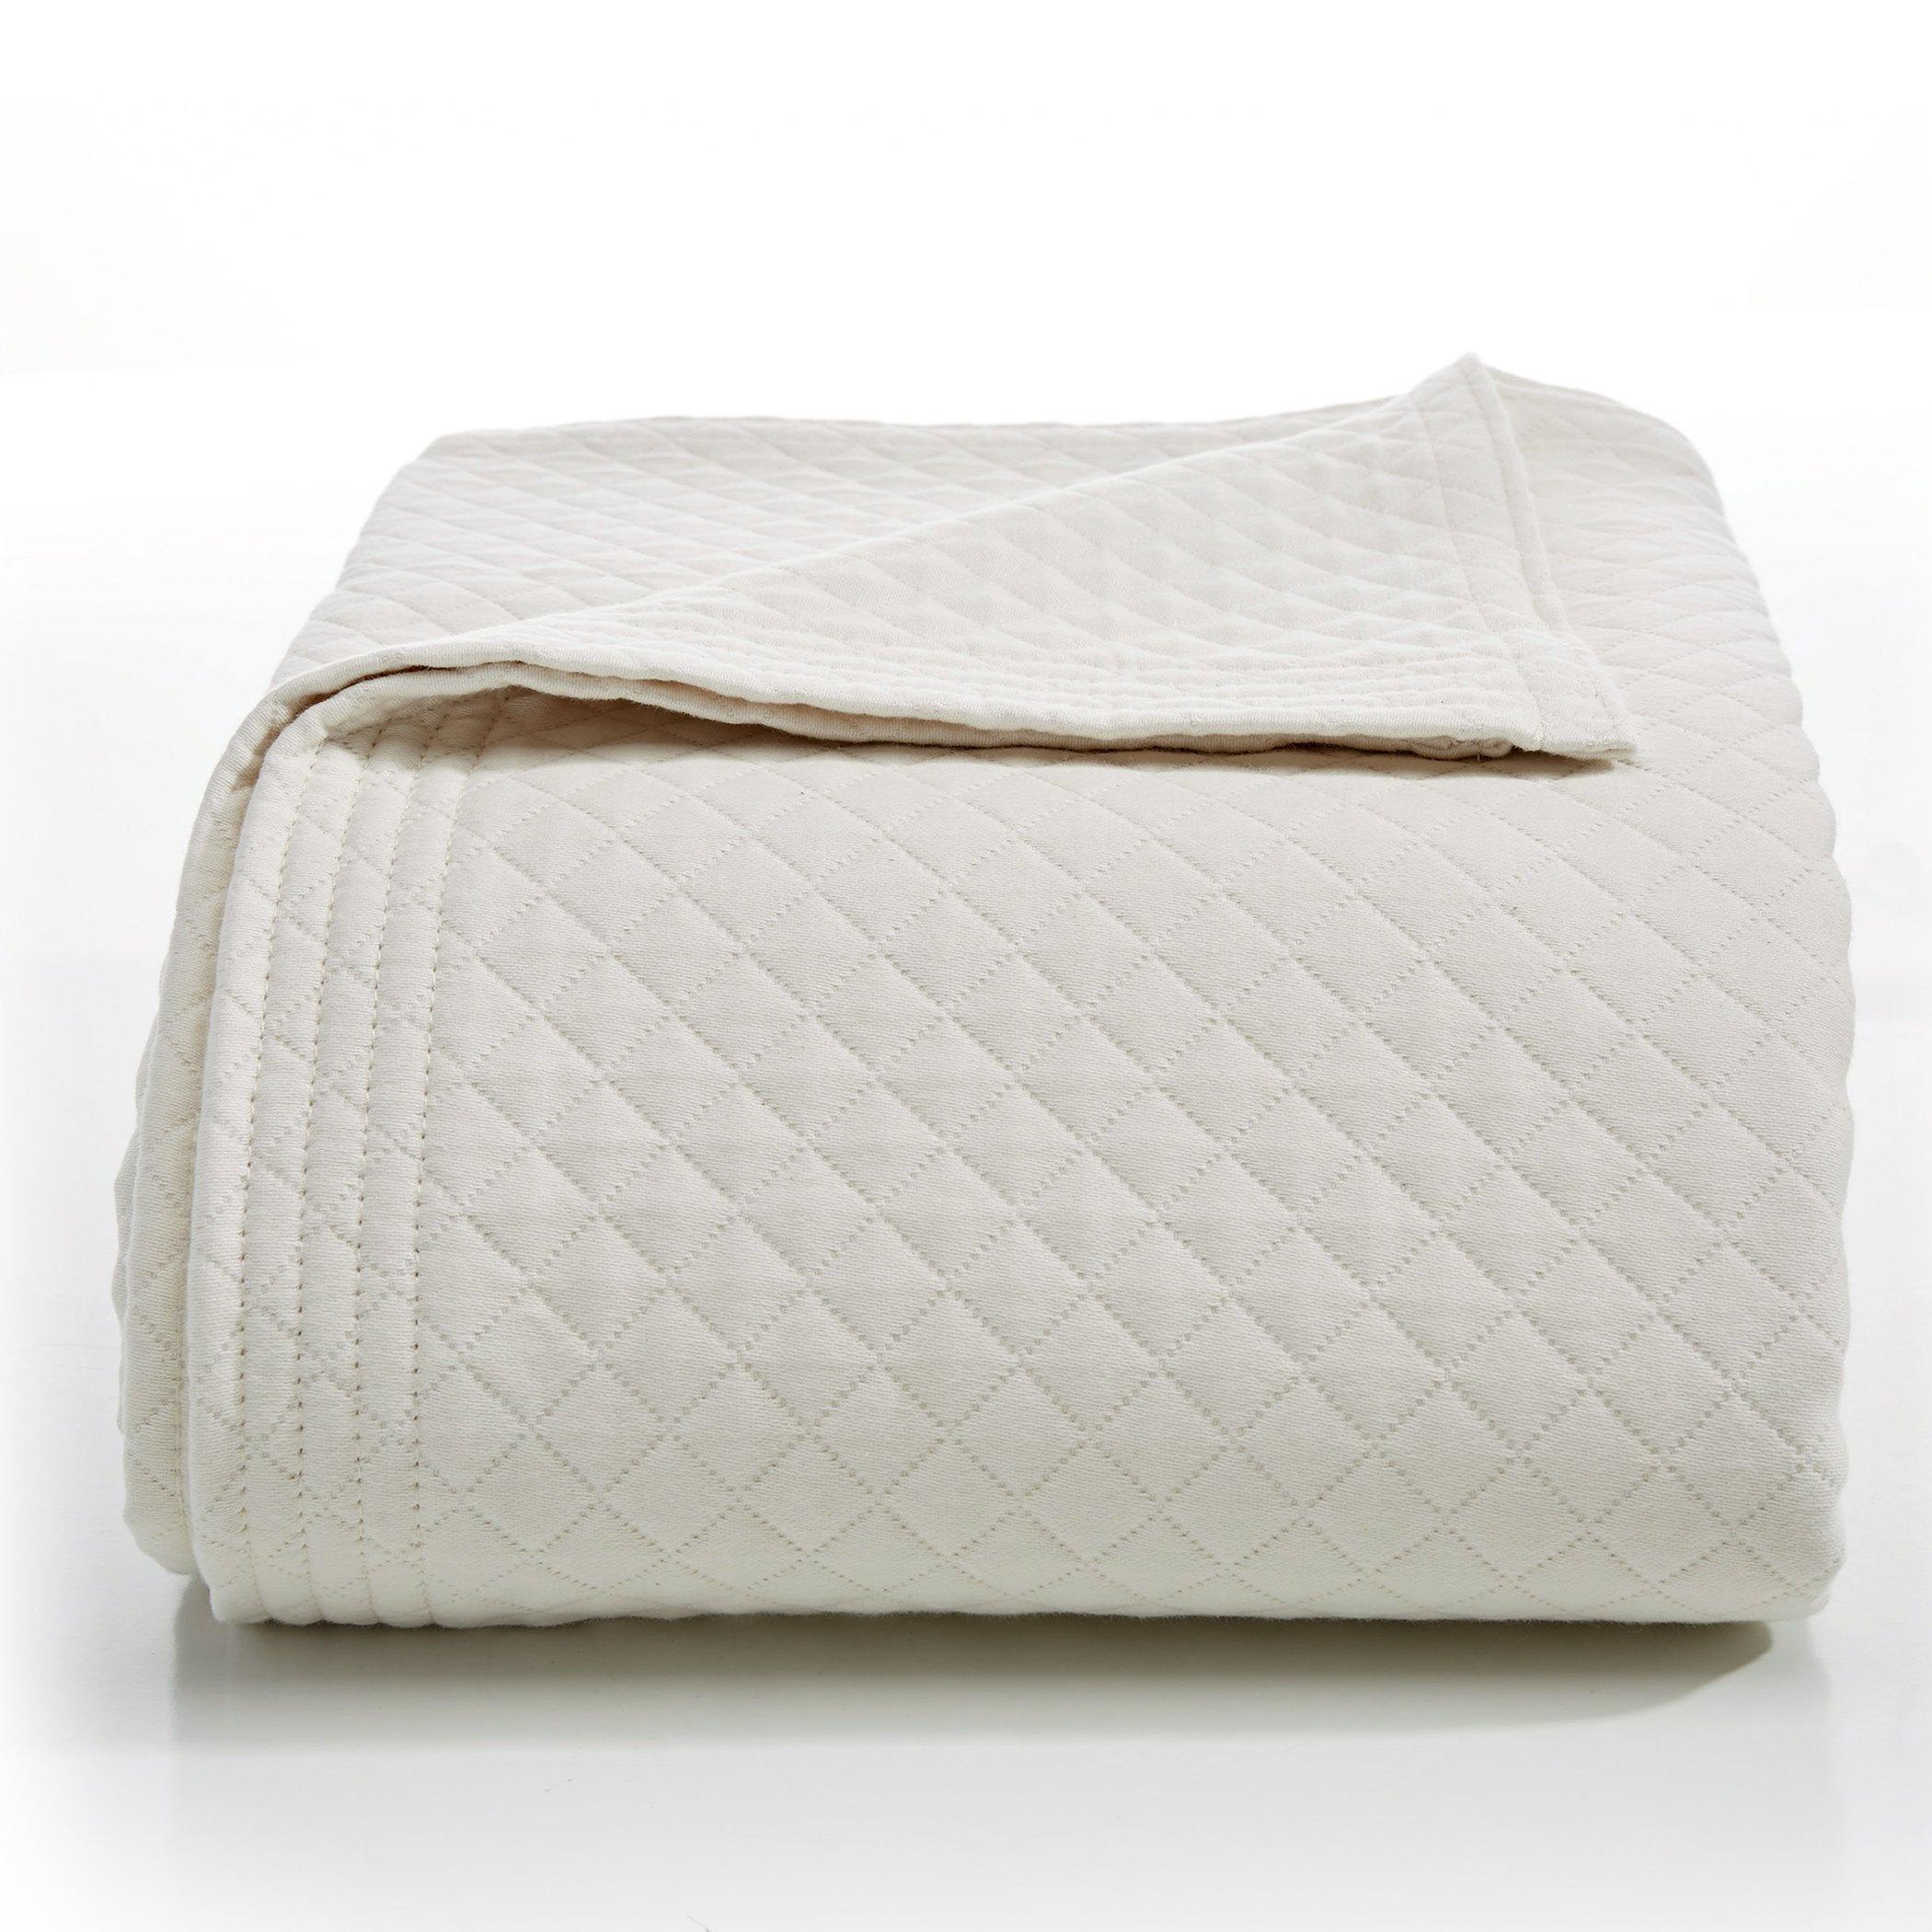 Lamont Home Diamante Collection – 100% Cotton Matelassé Coverlet by Lamont Home